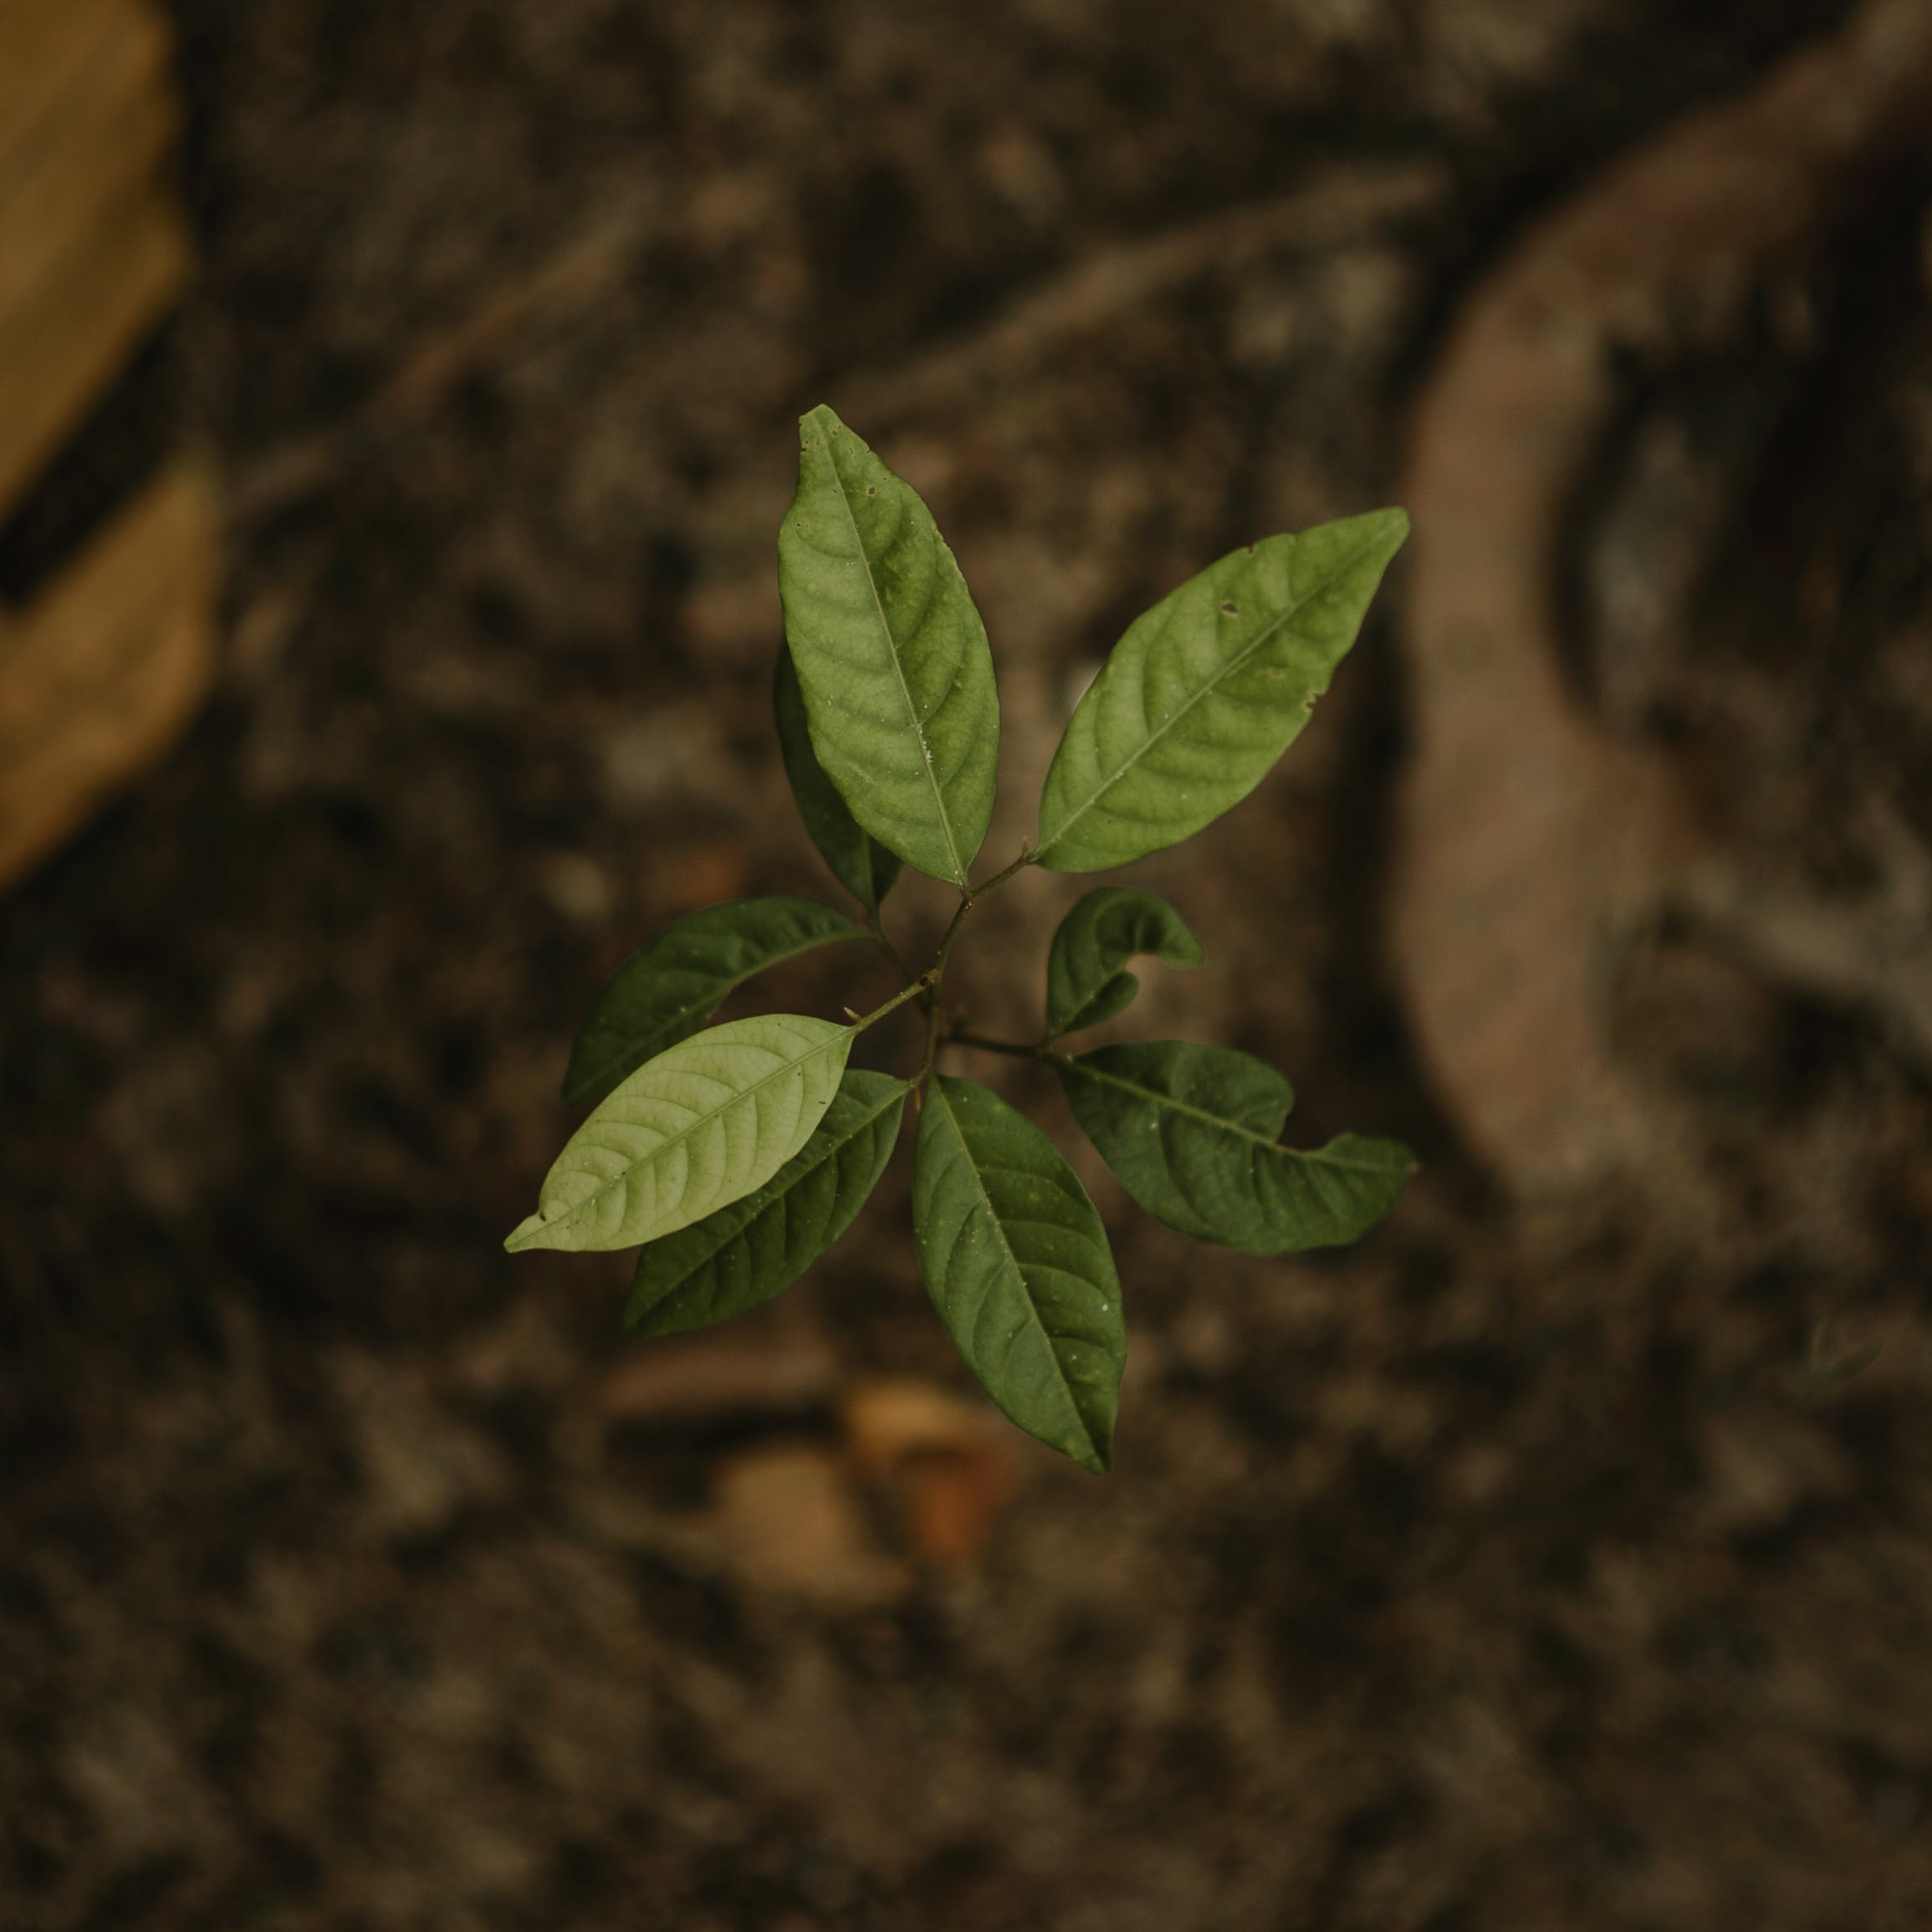 Gratis lagerfoto af close-up, grøn, hakket, lille